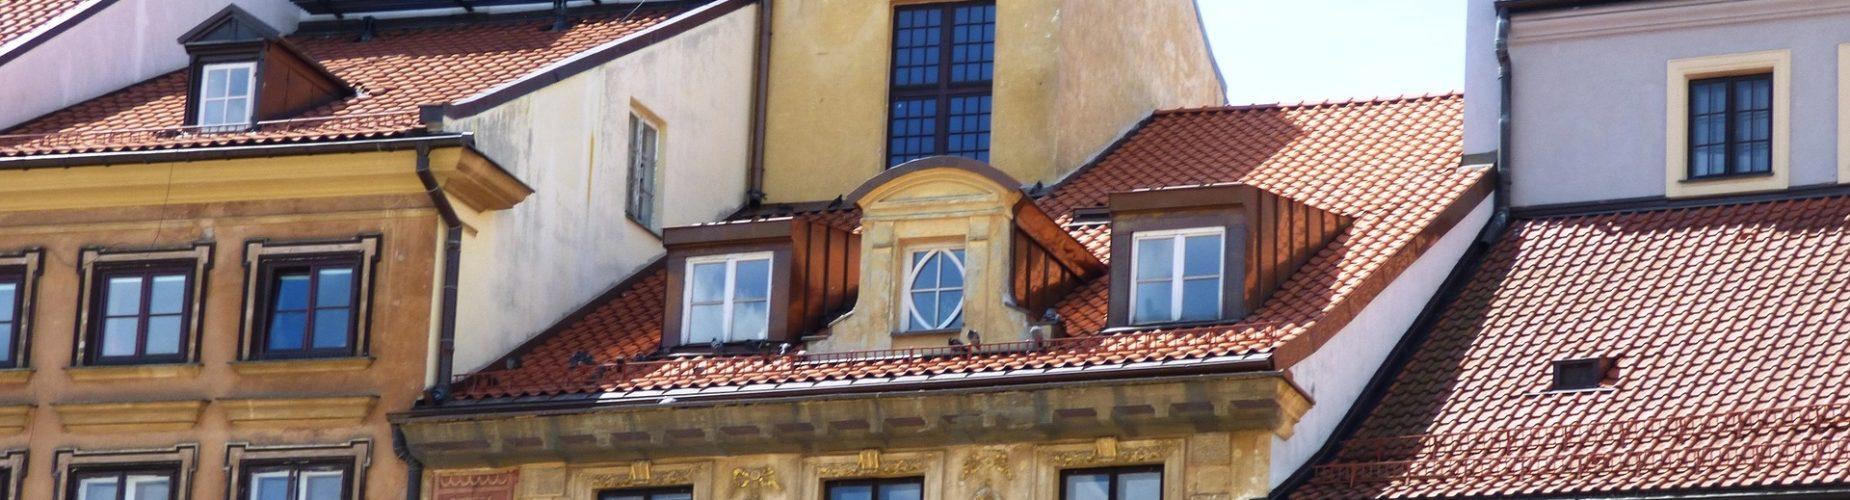 Techniczna obsługa wspólnot mieszkaniowych Żary